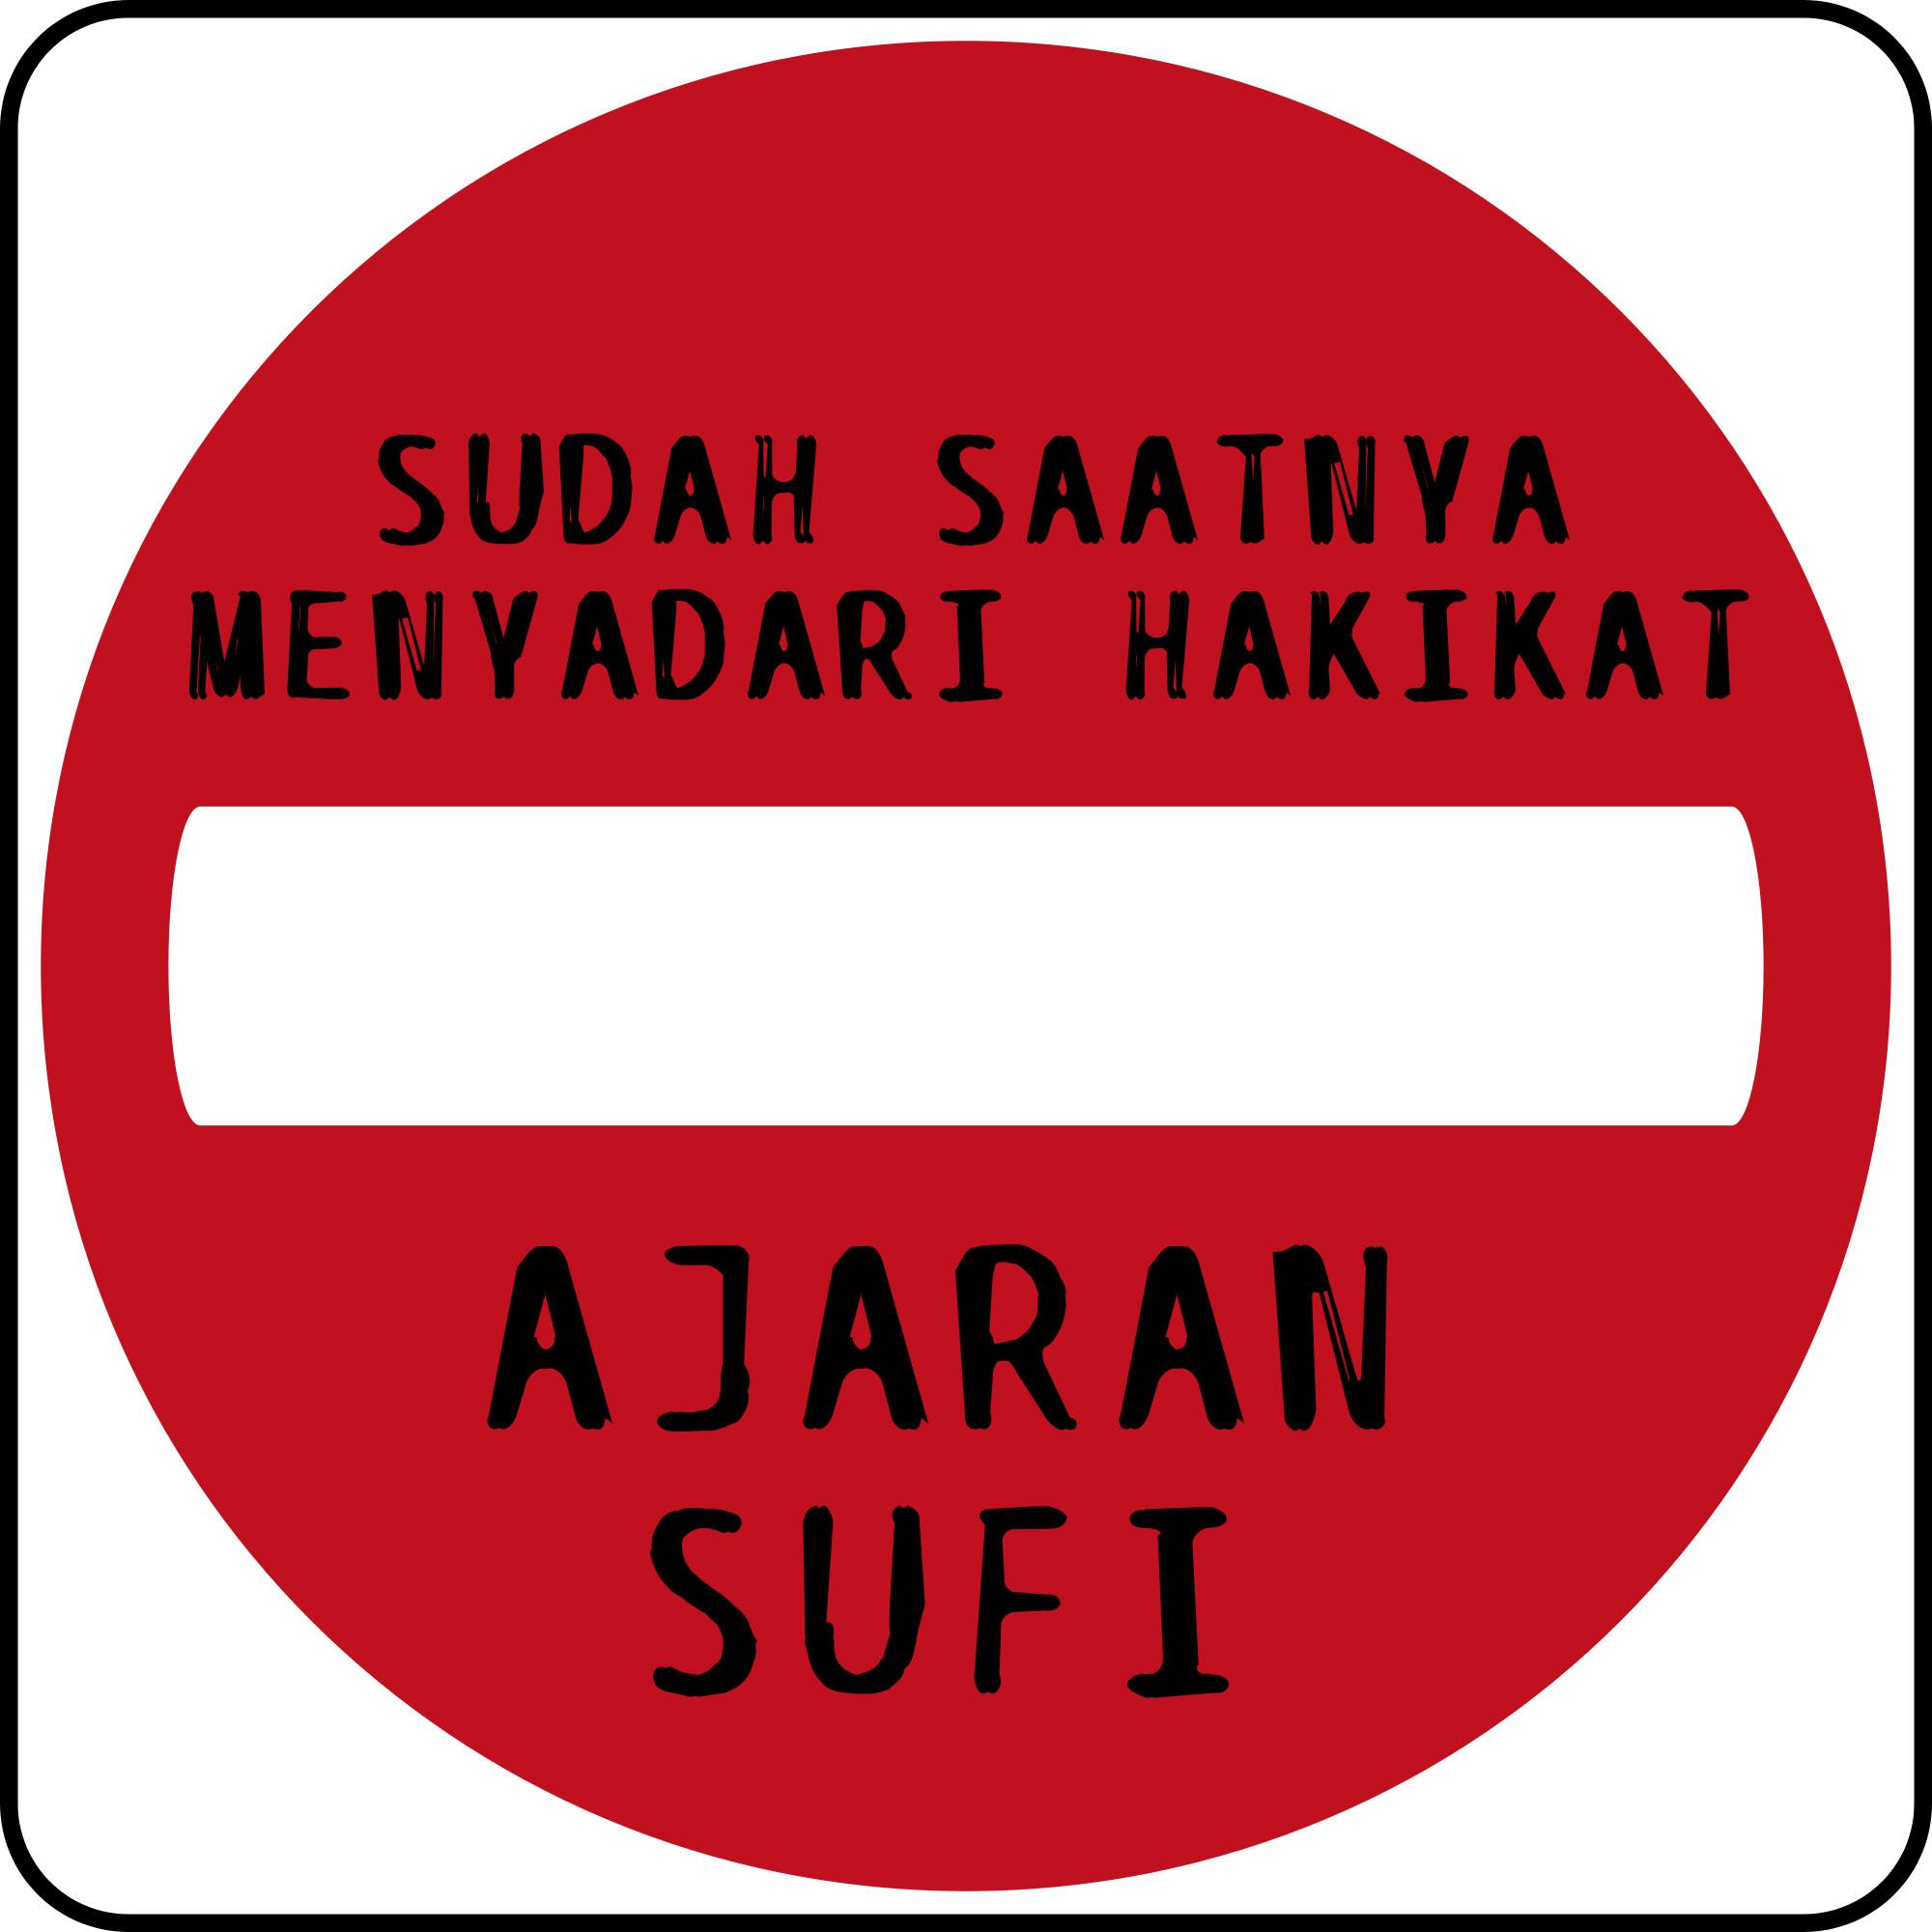 SUDAH SAATNYA MENYADARI HAKIKAT AJARAN SUFI